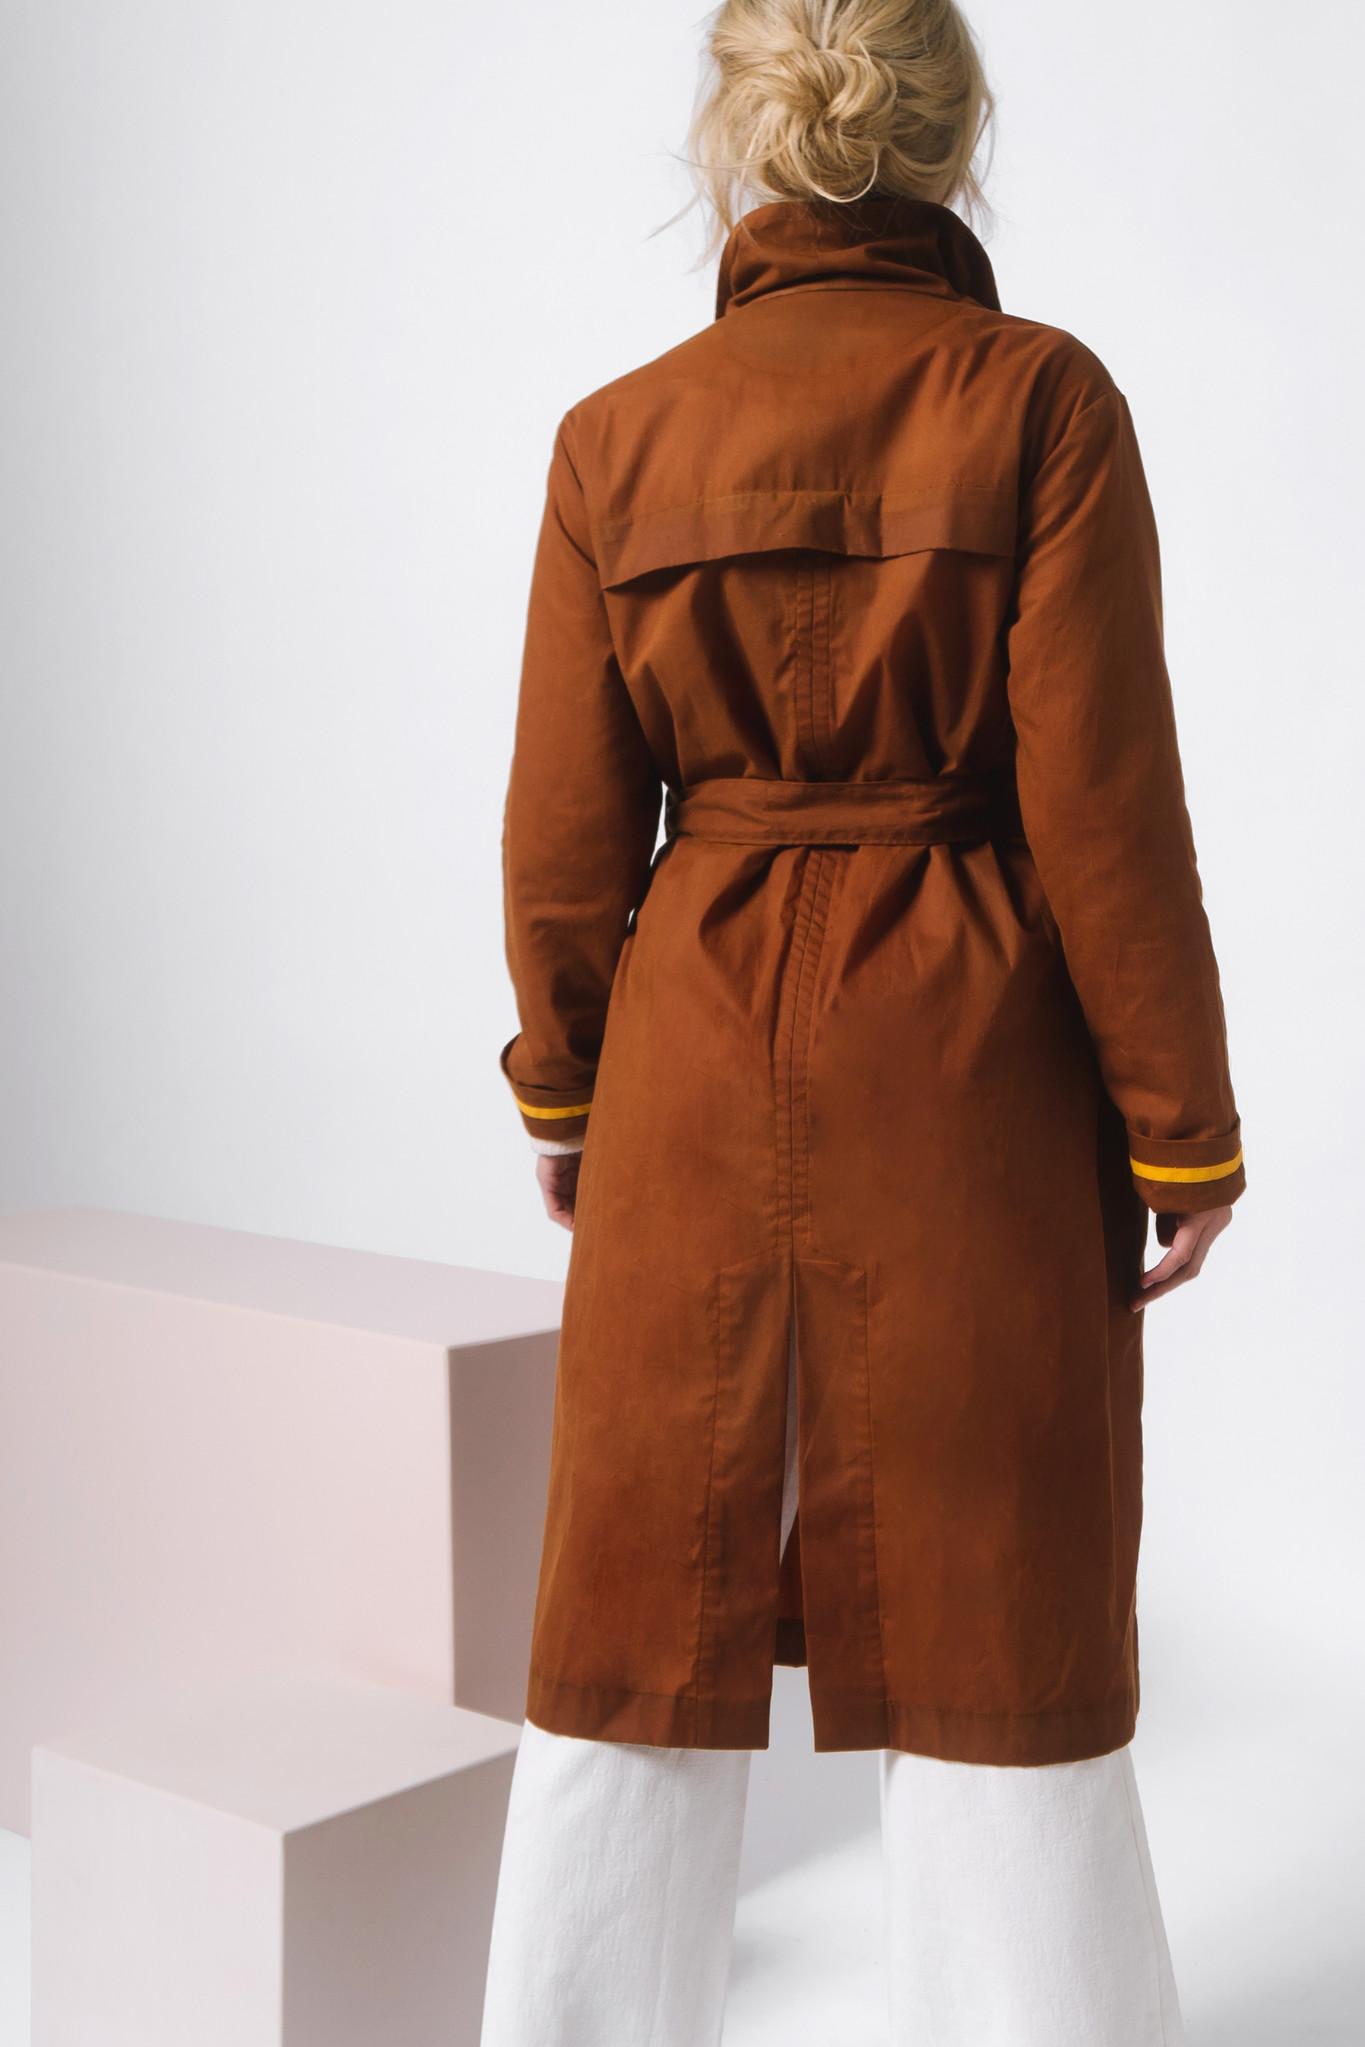 Mantel aus gewachster Bio-Baumwolle- Rostbraun-5